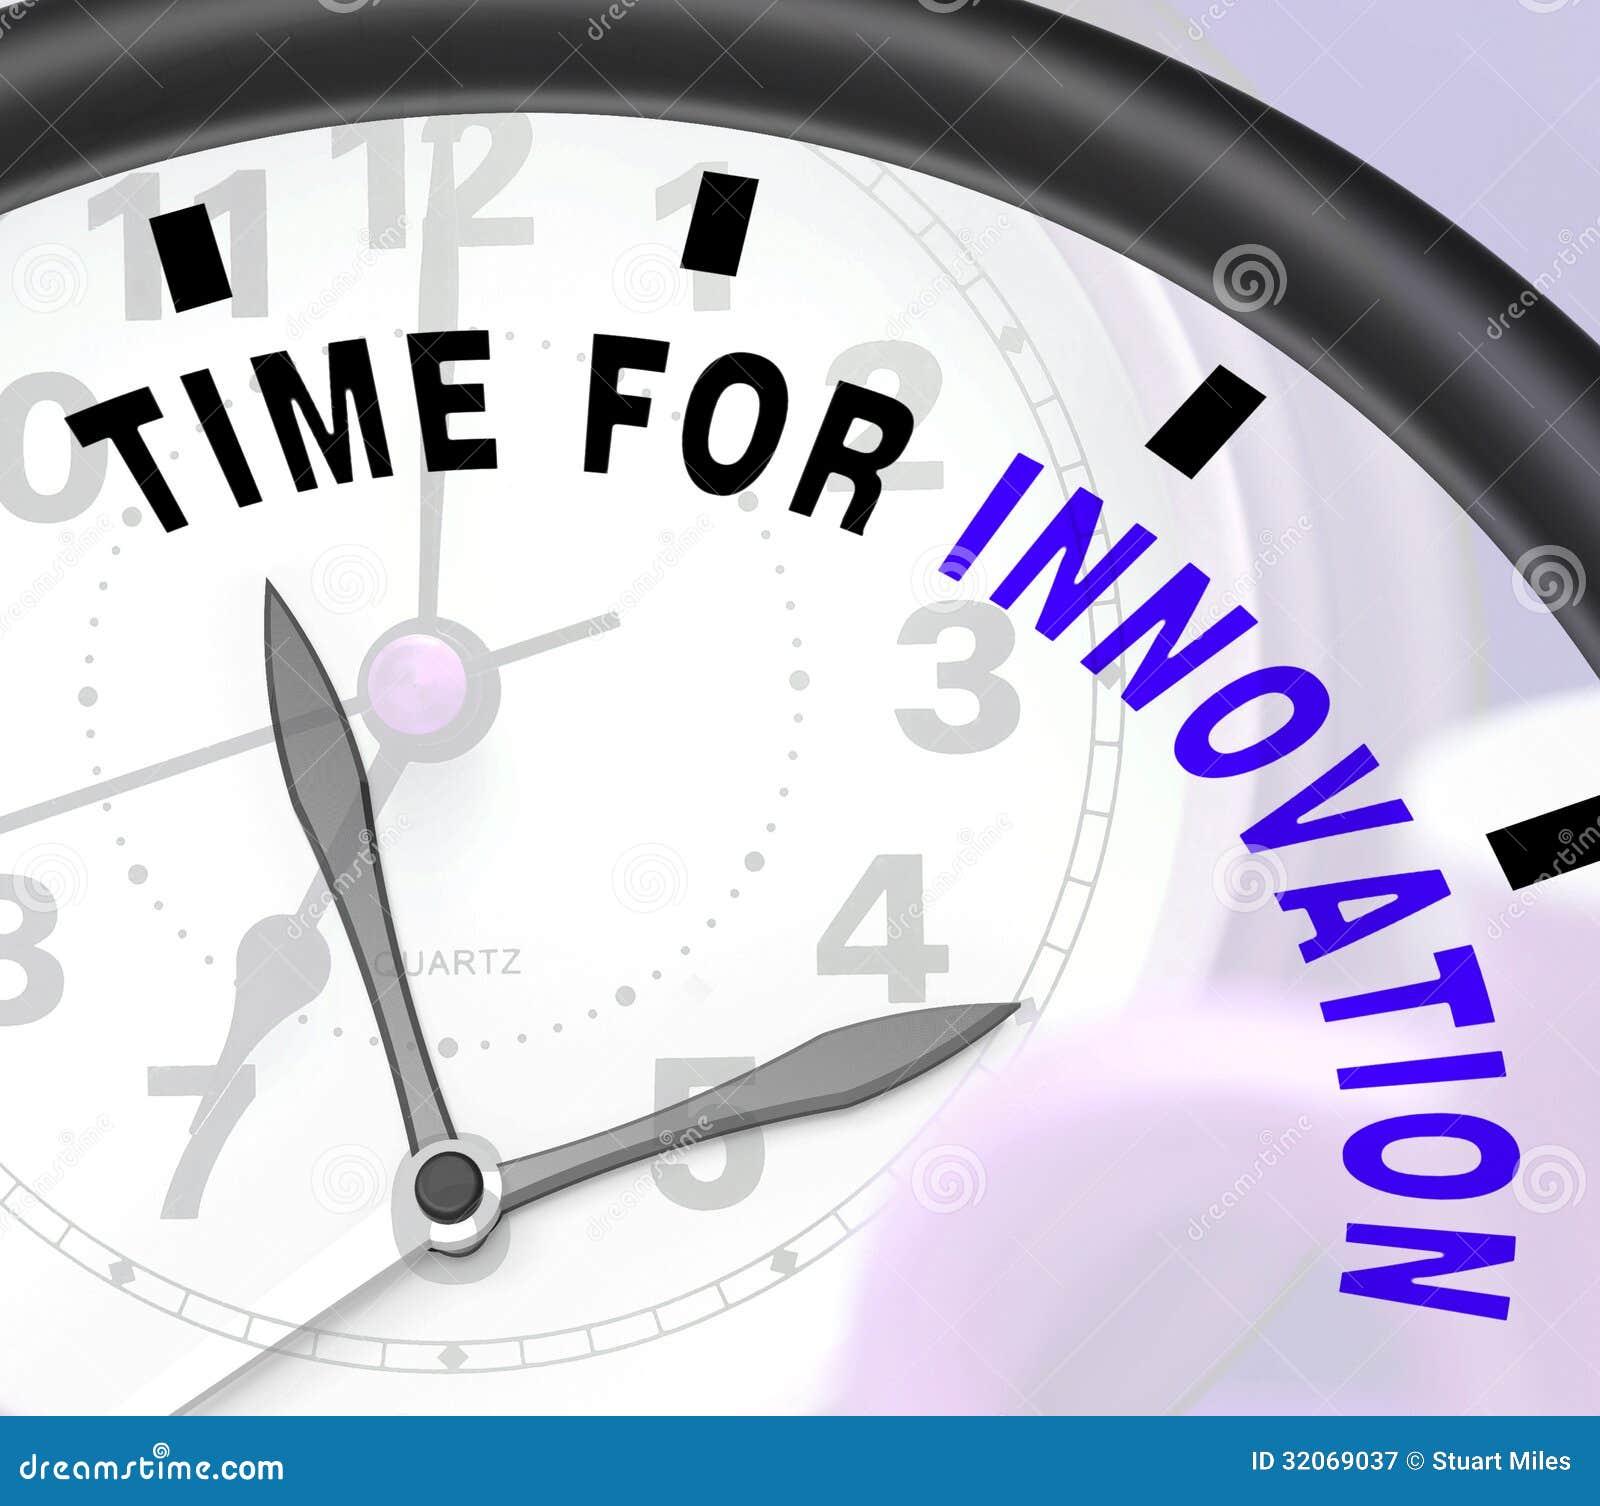 Zeit für Innovation zeigt kreative Entwicklung und Scharfsinn